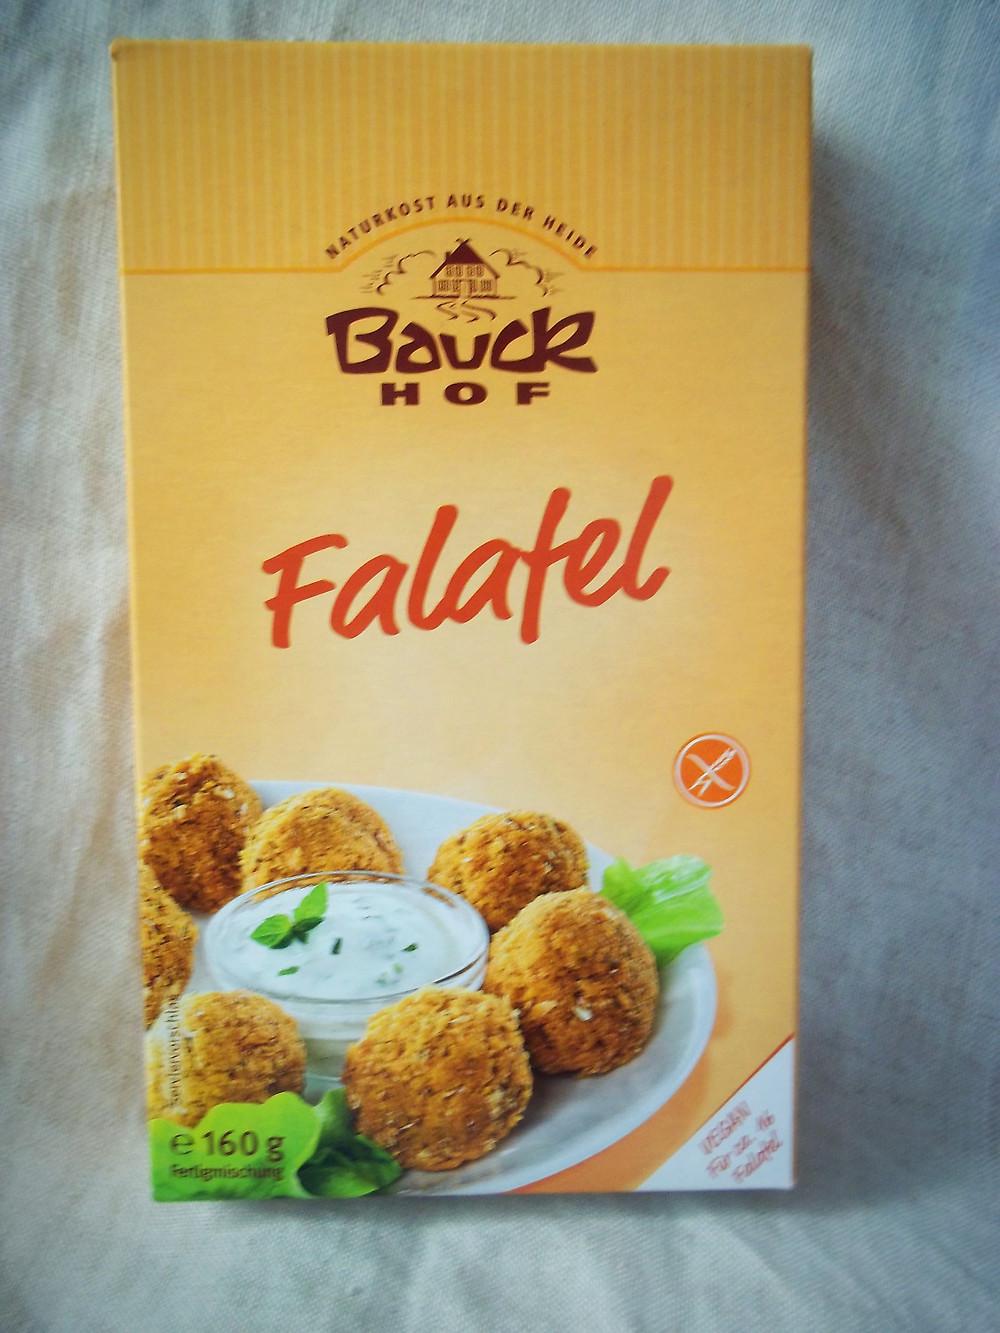 Bauck Hof Falafel